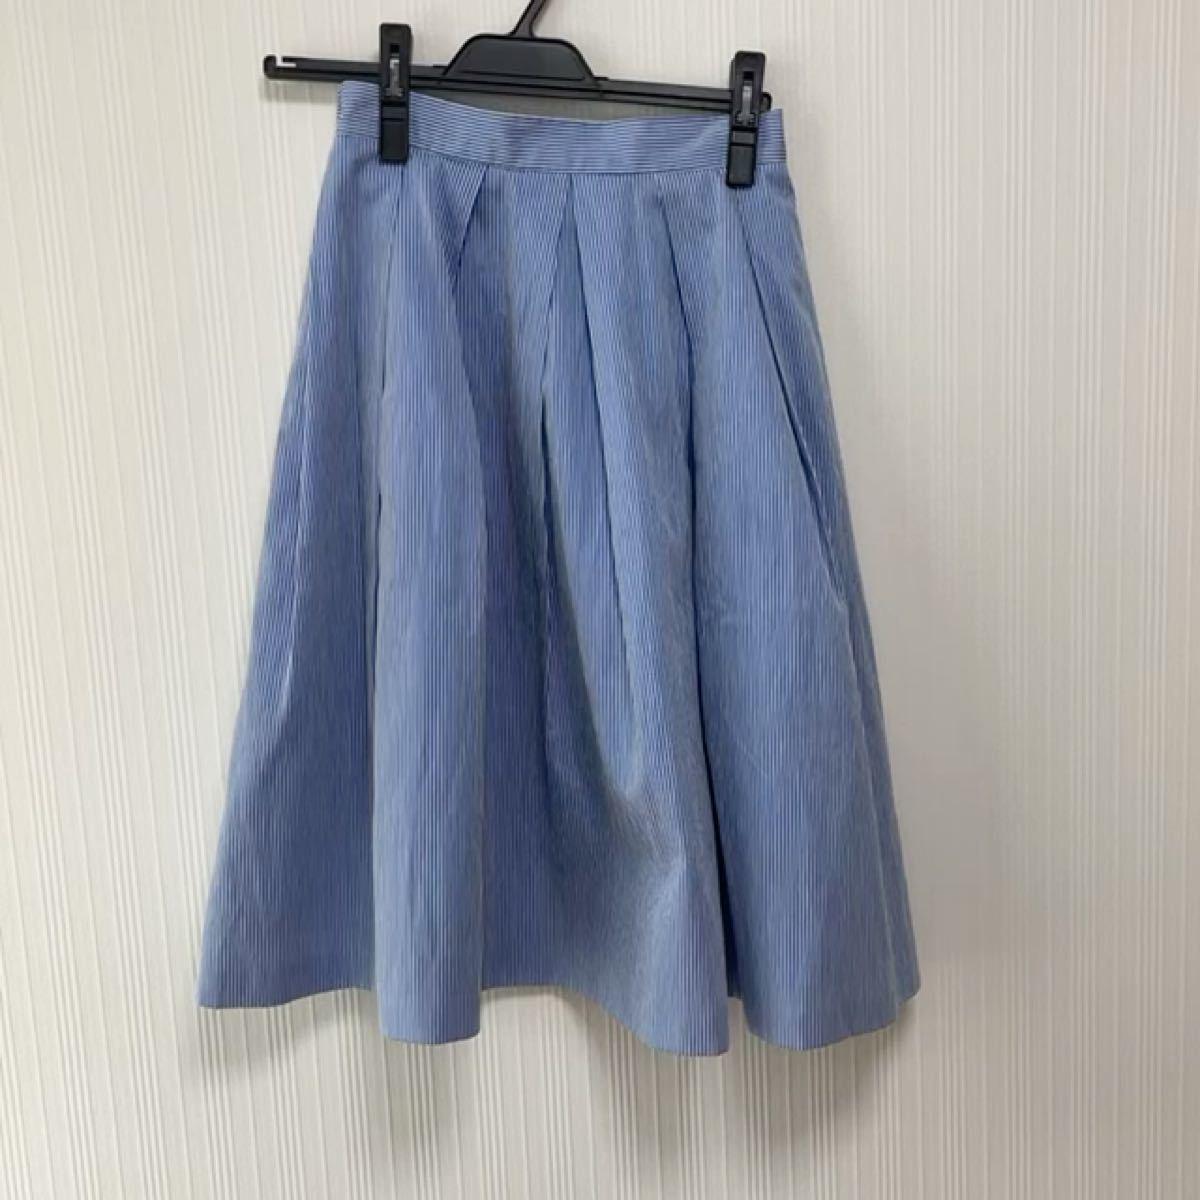 アーバンリサーチ   フレアスカート  ギャザースカート フリーサイズ